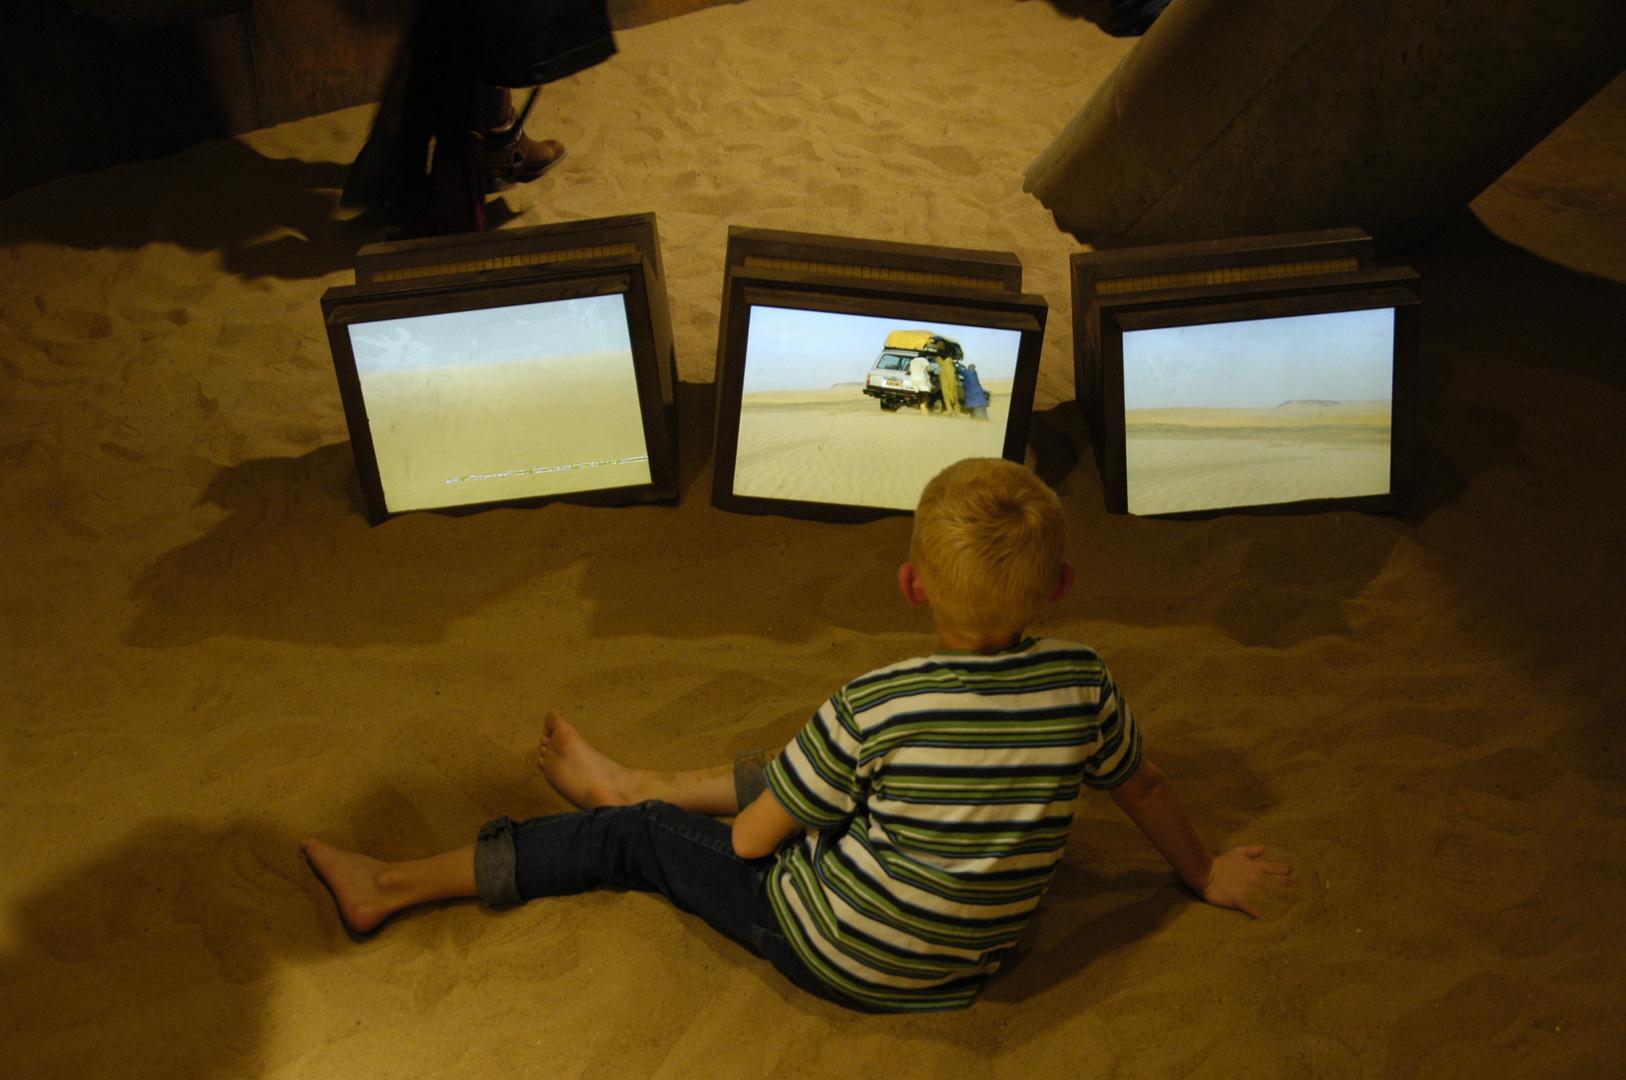 Wüstenfernsehen